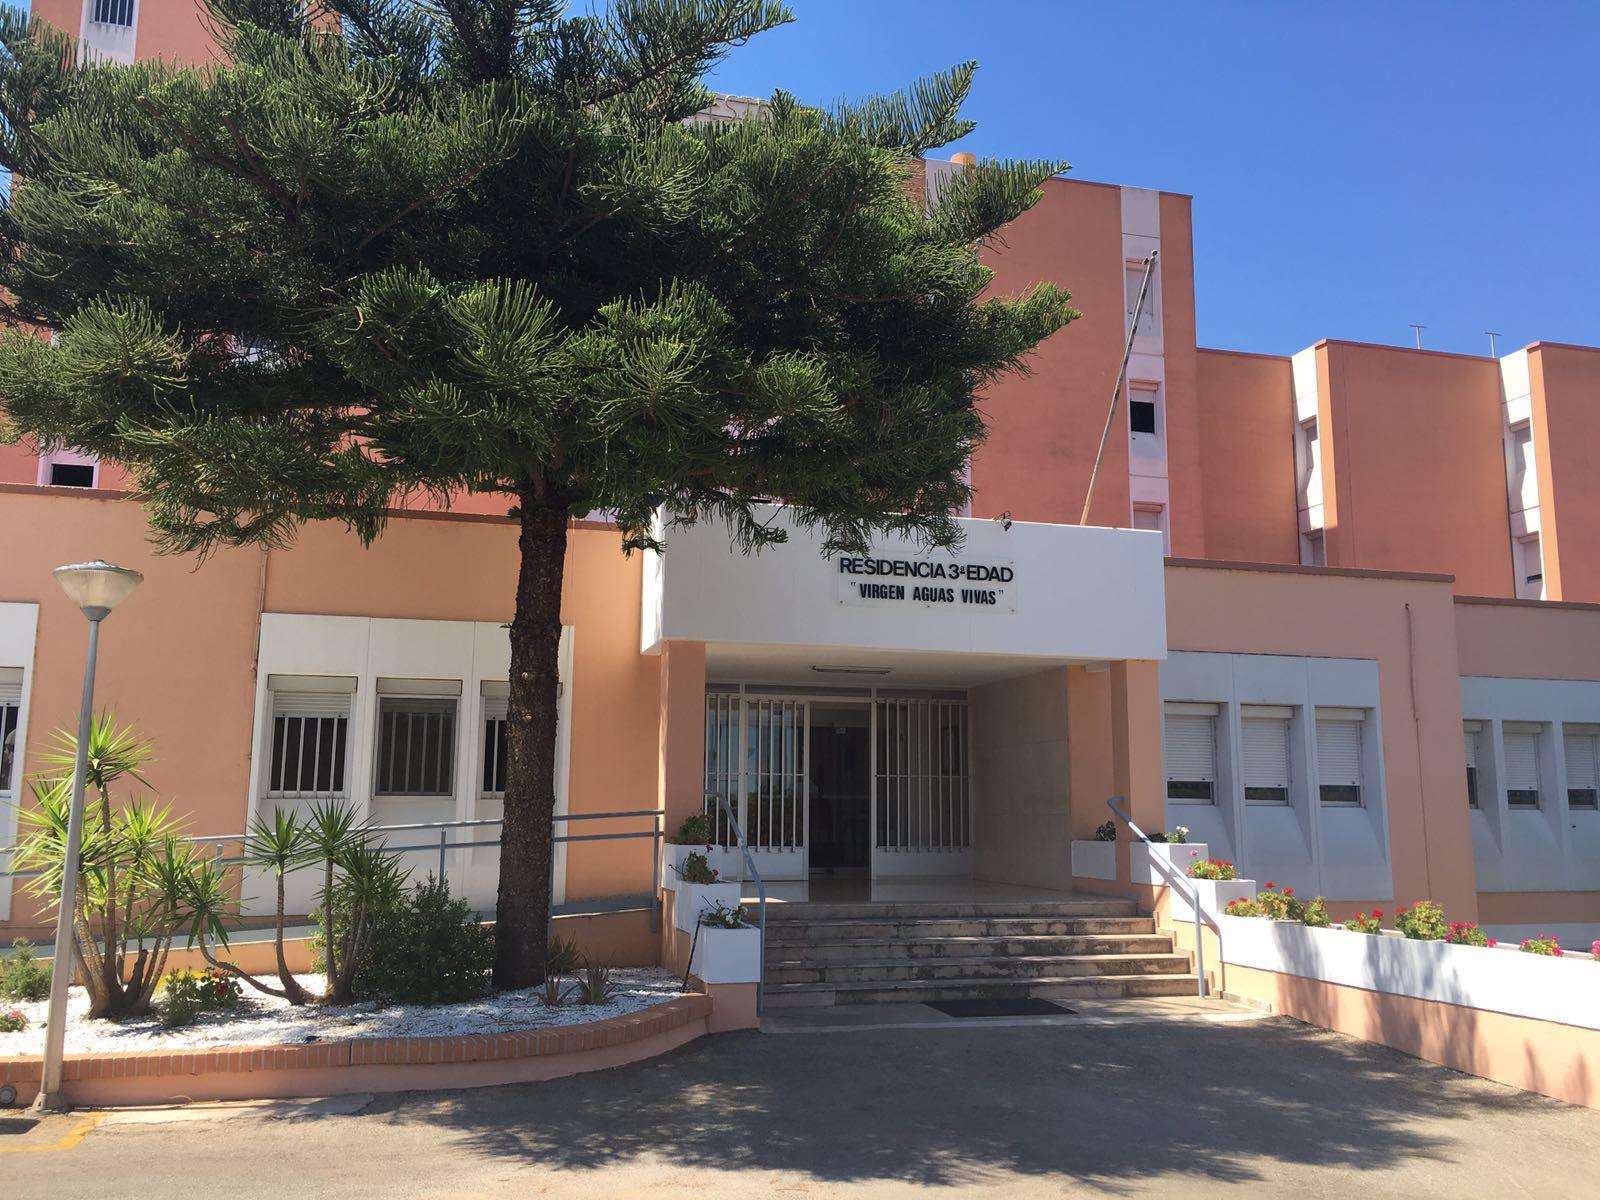 IMG 20160620 WA00031 - Los mayores desalojados por el incendio de Carcaixent regresan esta tarde a la residencia Aigües Vives